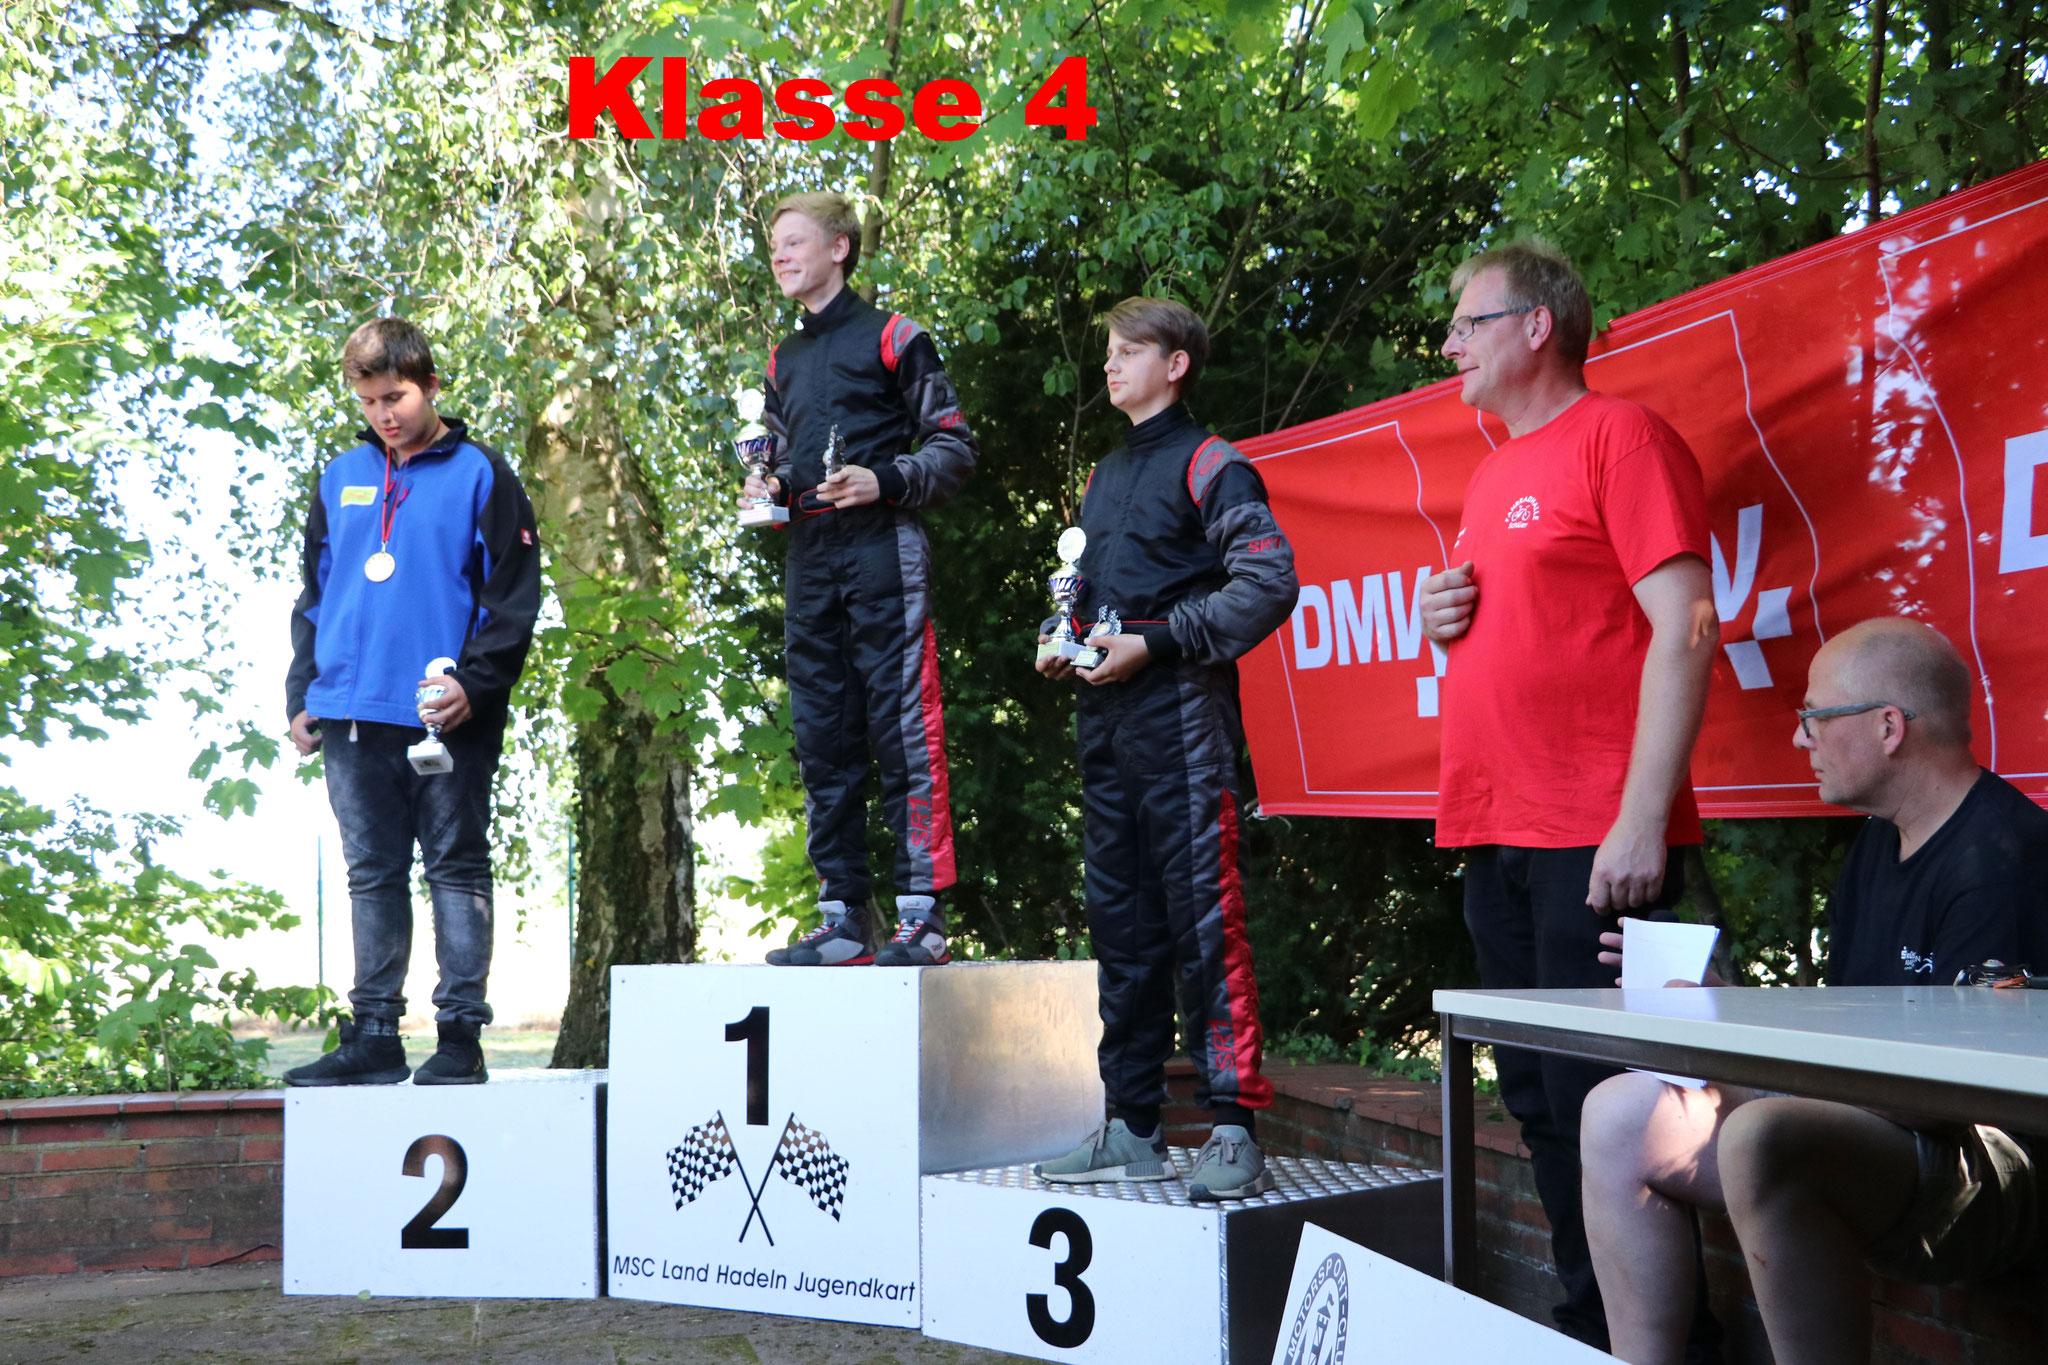 Michel Boje ist Norddeutscher Meister, Joel Selenski auf Platz 3